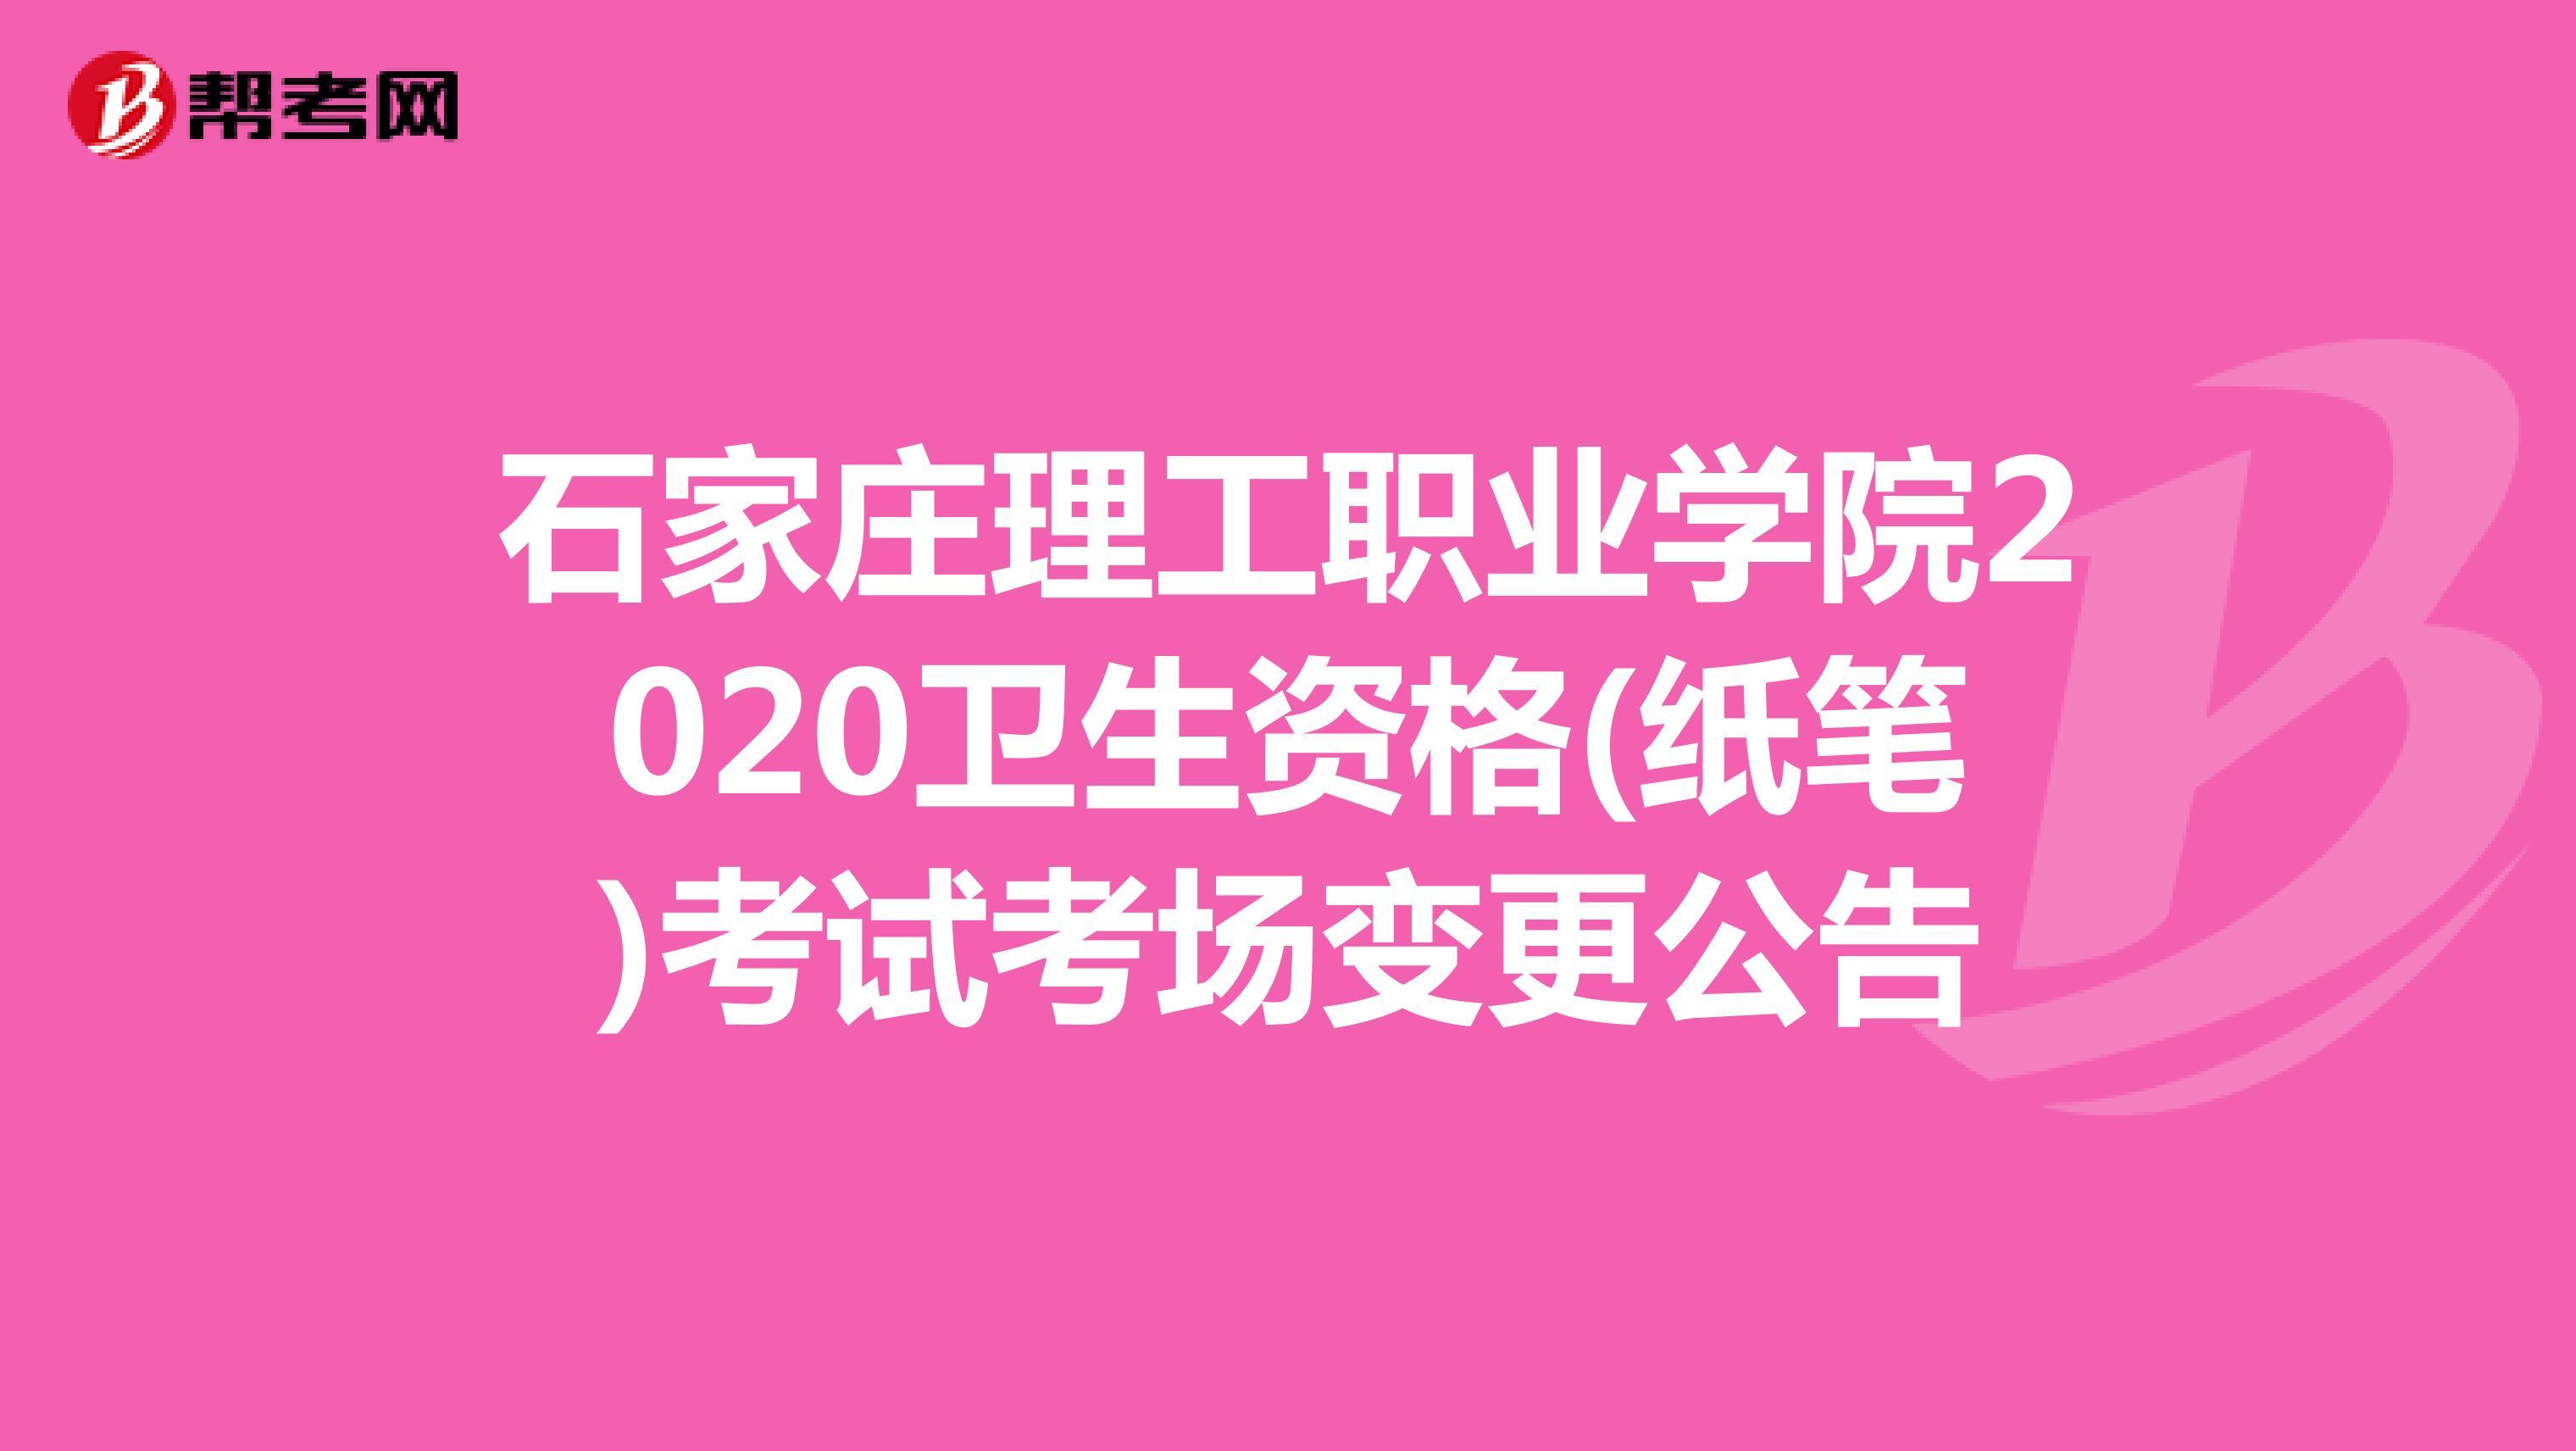 石家庄理工职业学院2020卫生资格(纸笔)考试考场变更公告